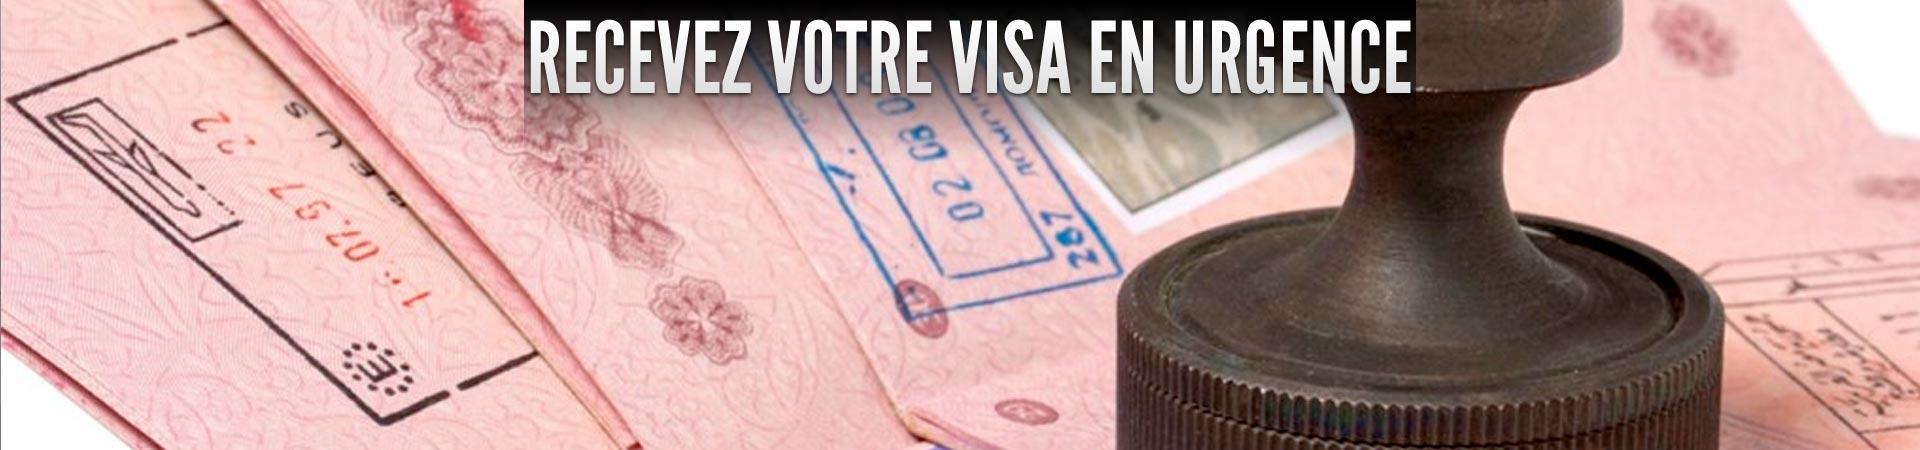 visa urgence russie